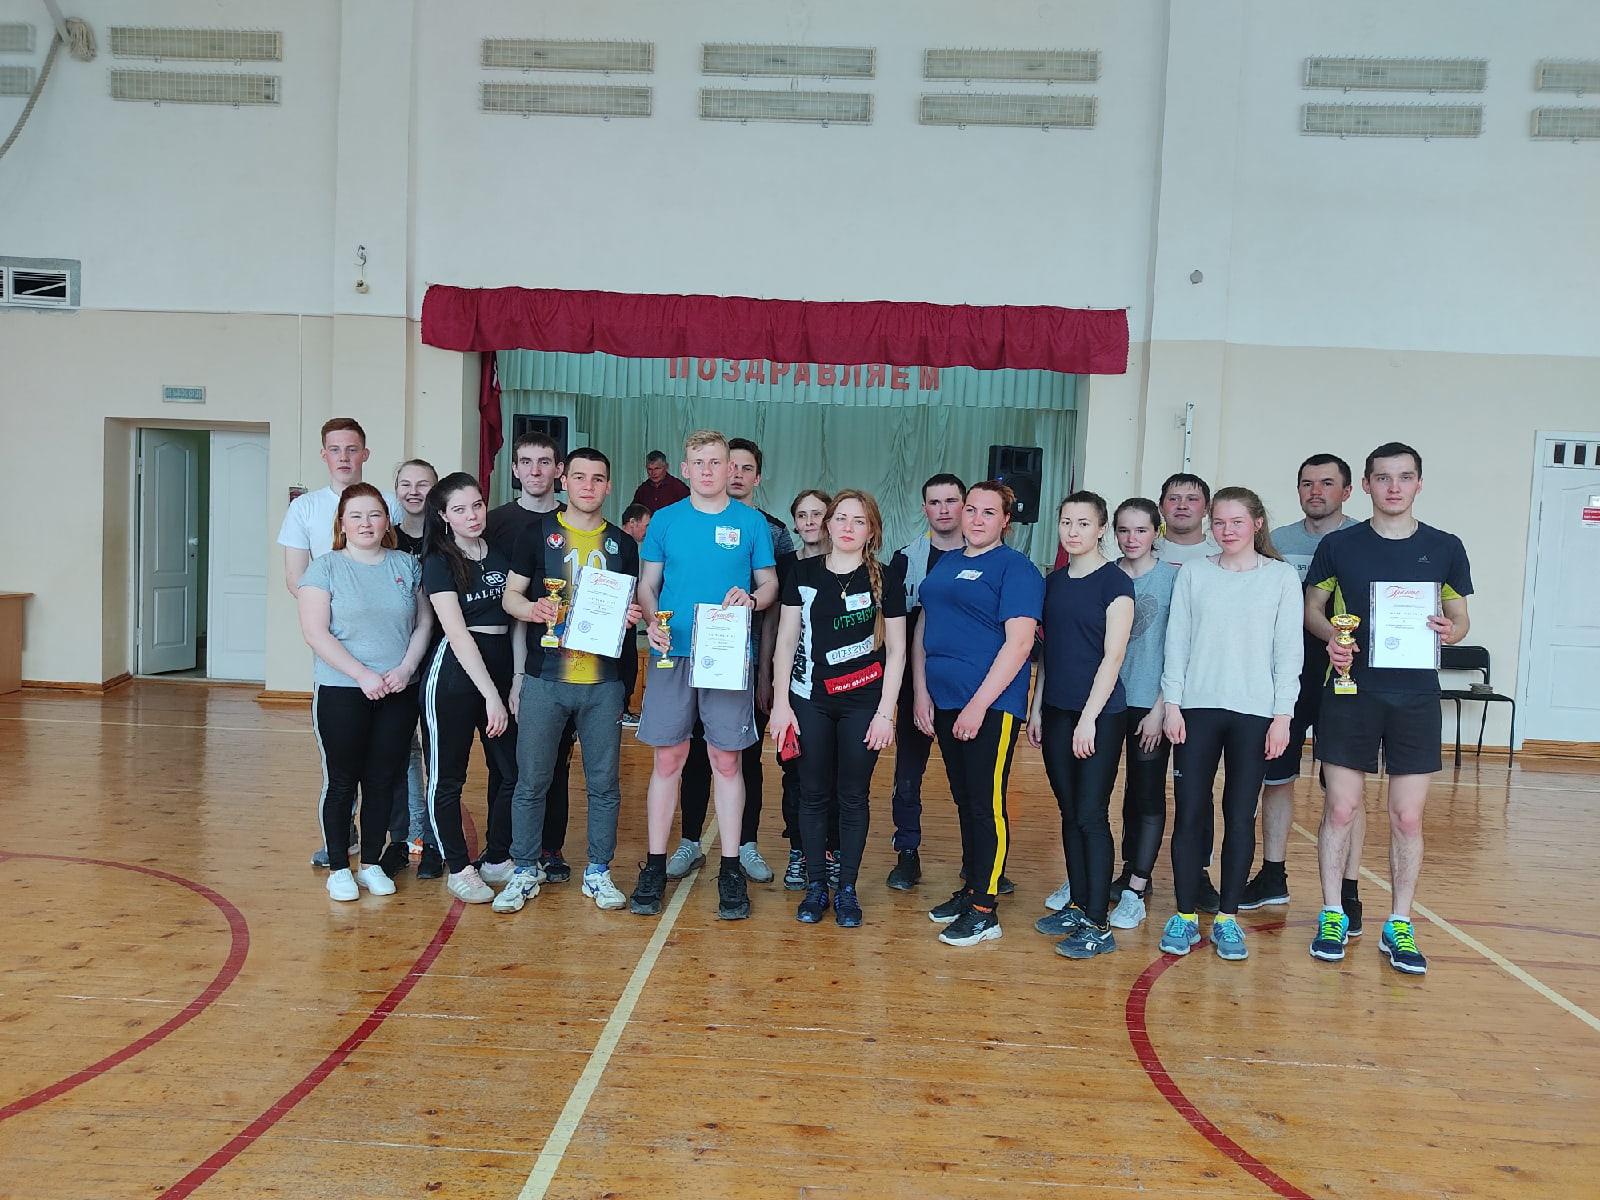 Молодёжь Можгинского района отдыхает активно! В спортивном